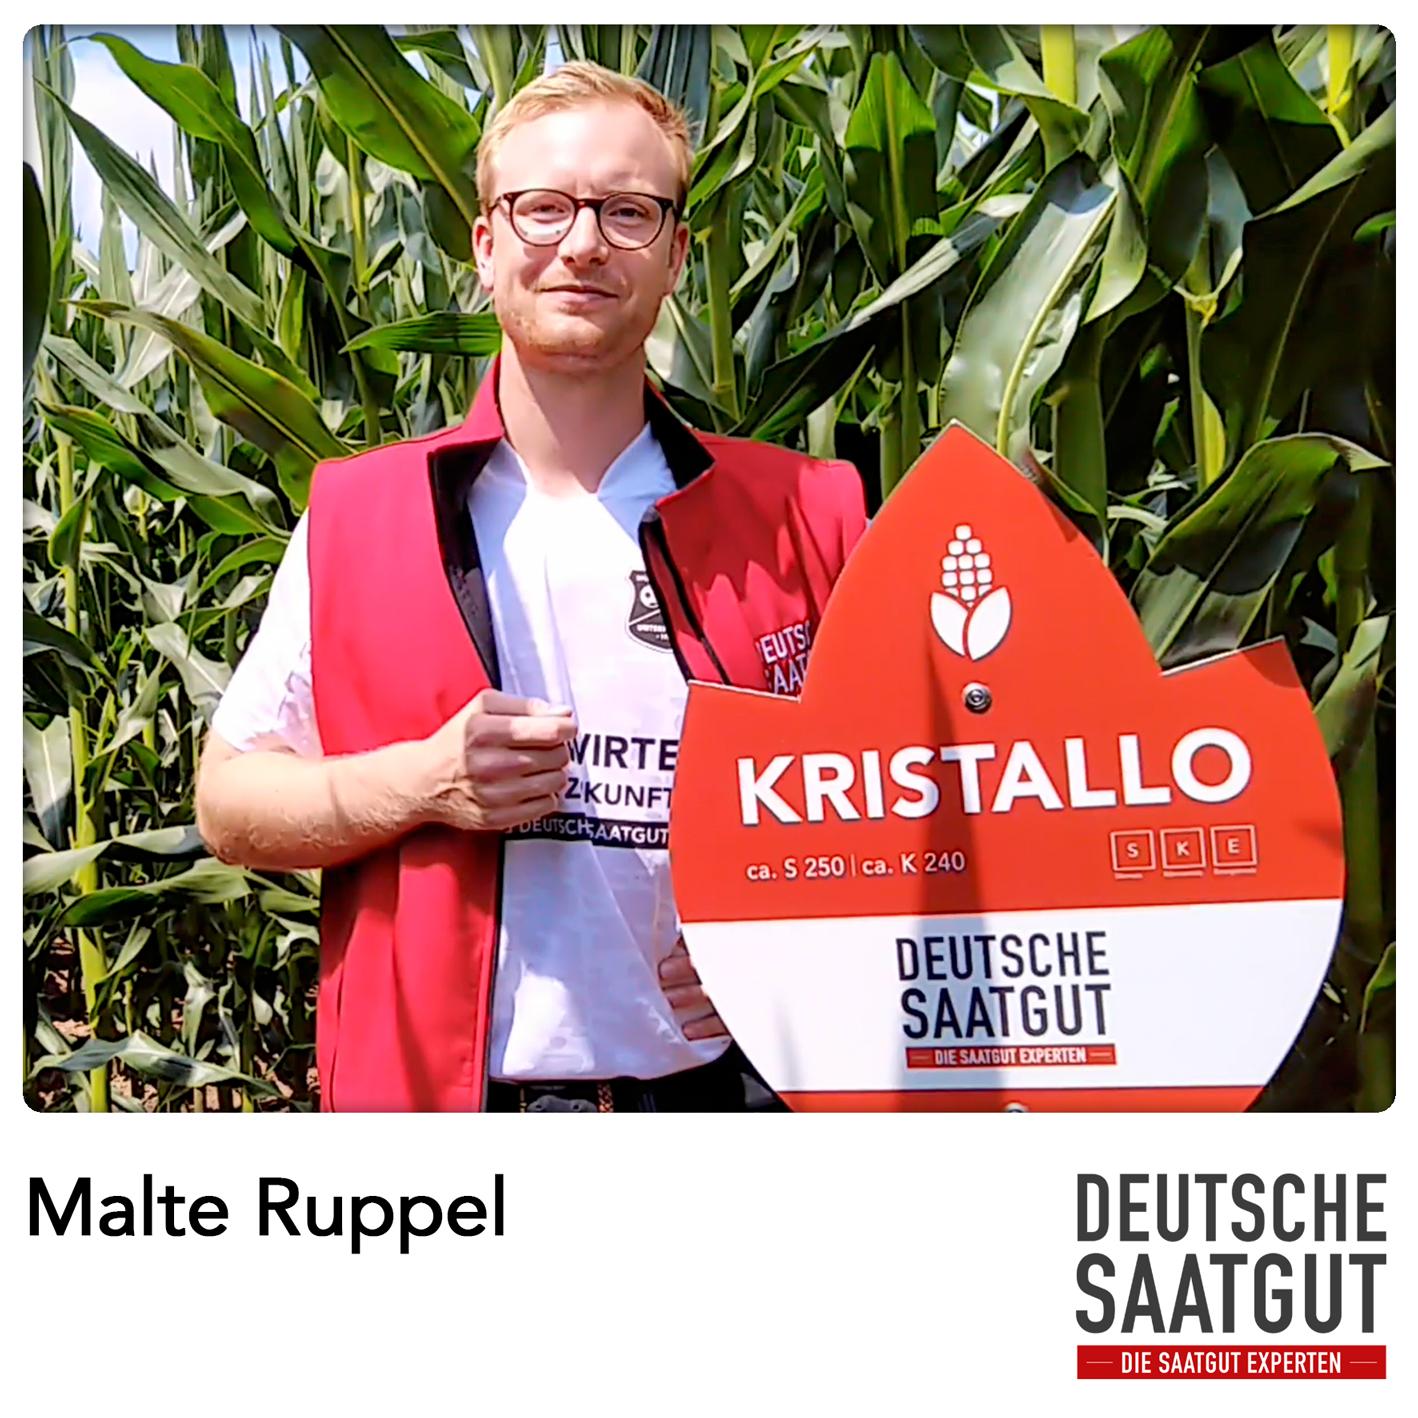 Malte Ruppel beim Mais-Exaktversuch in Markt Erlbach, im Landkreis Neustadt an der Aisch-Bad Windsheim